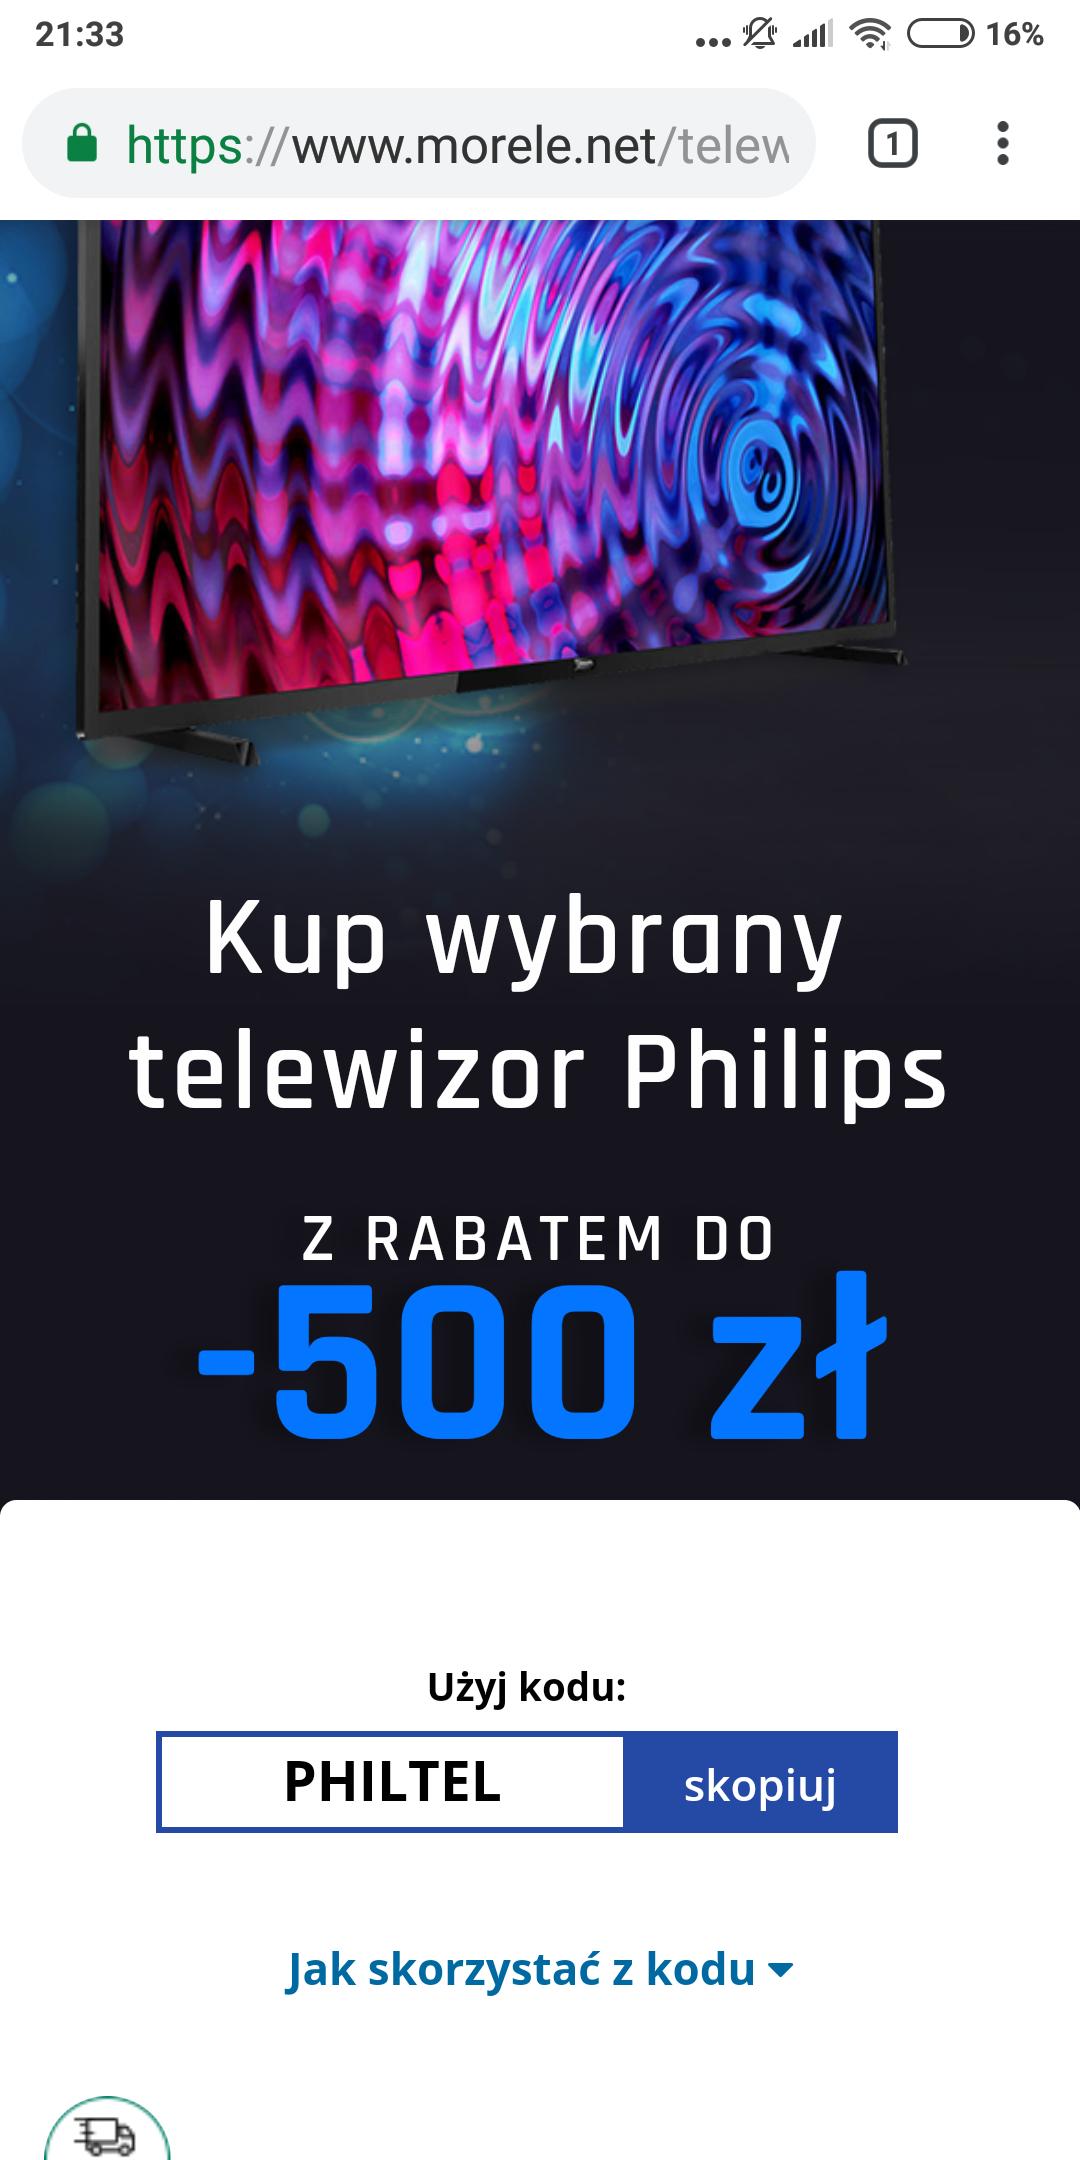 Telewizory Philips w morele w dobrych cenach